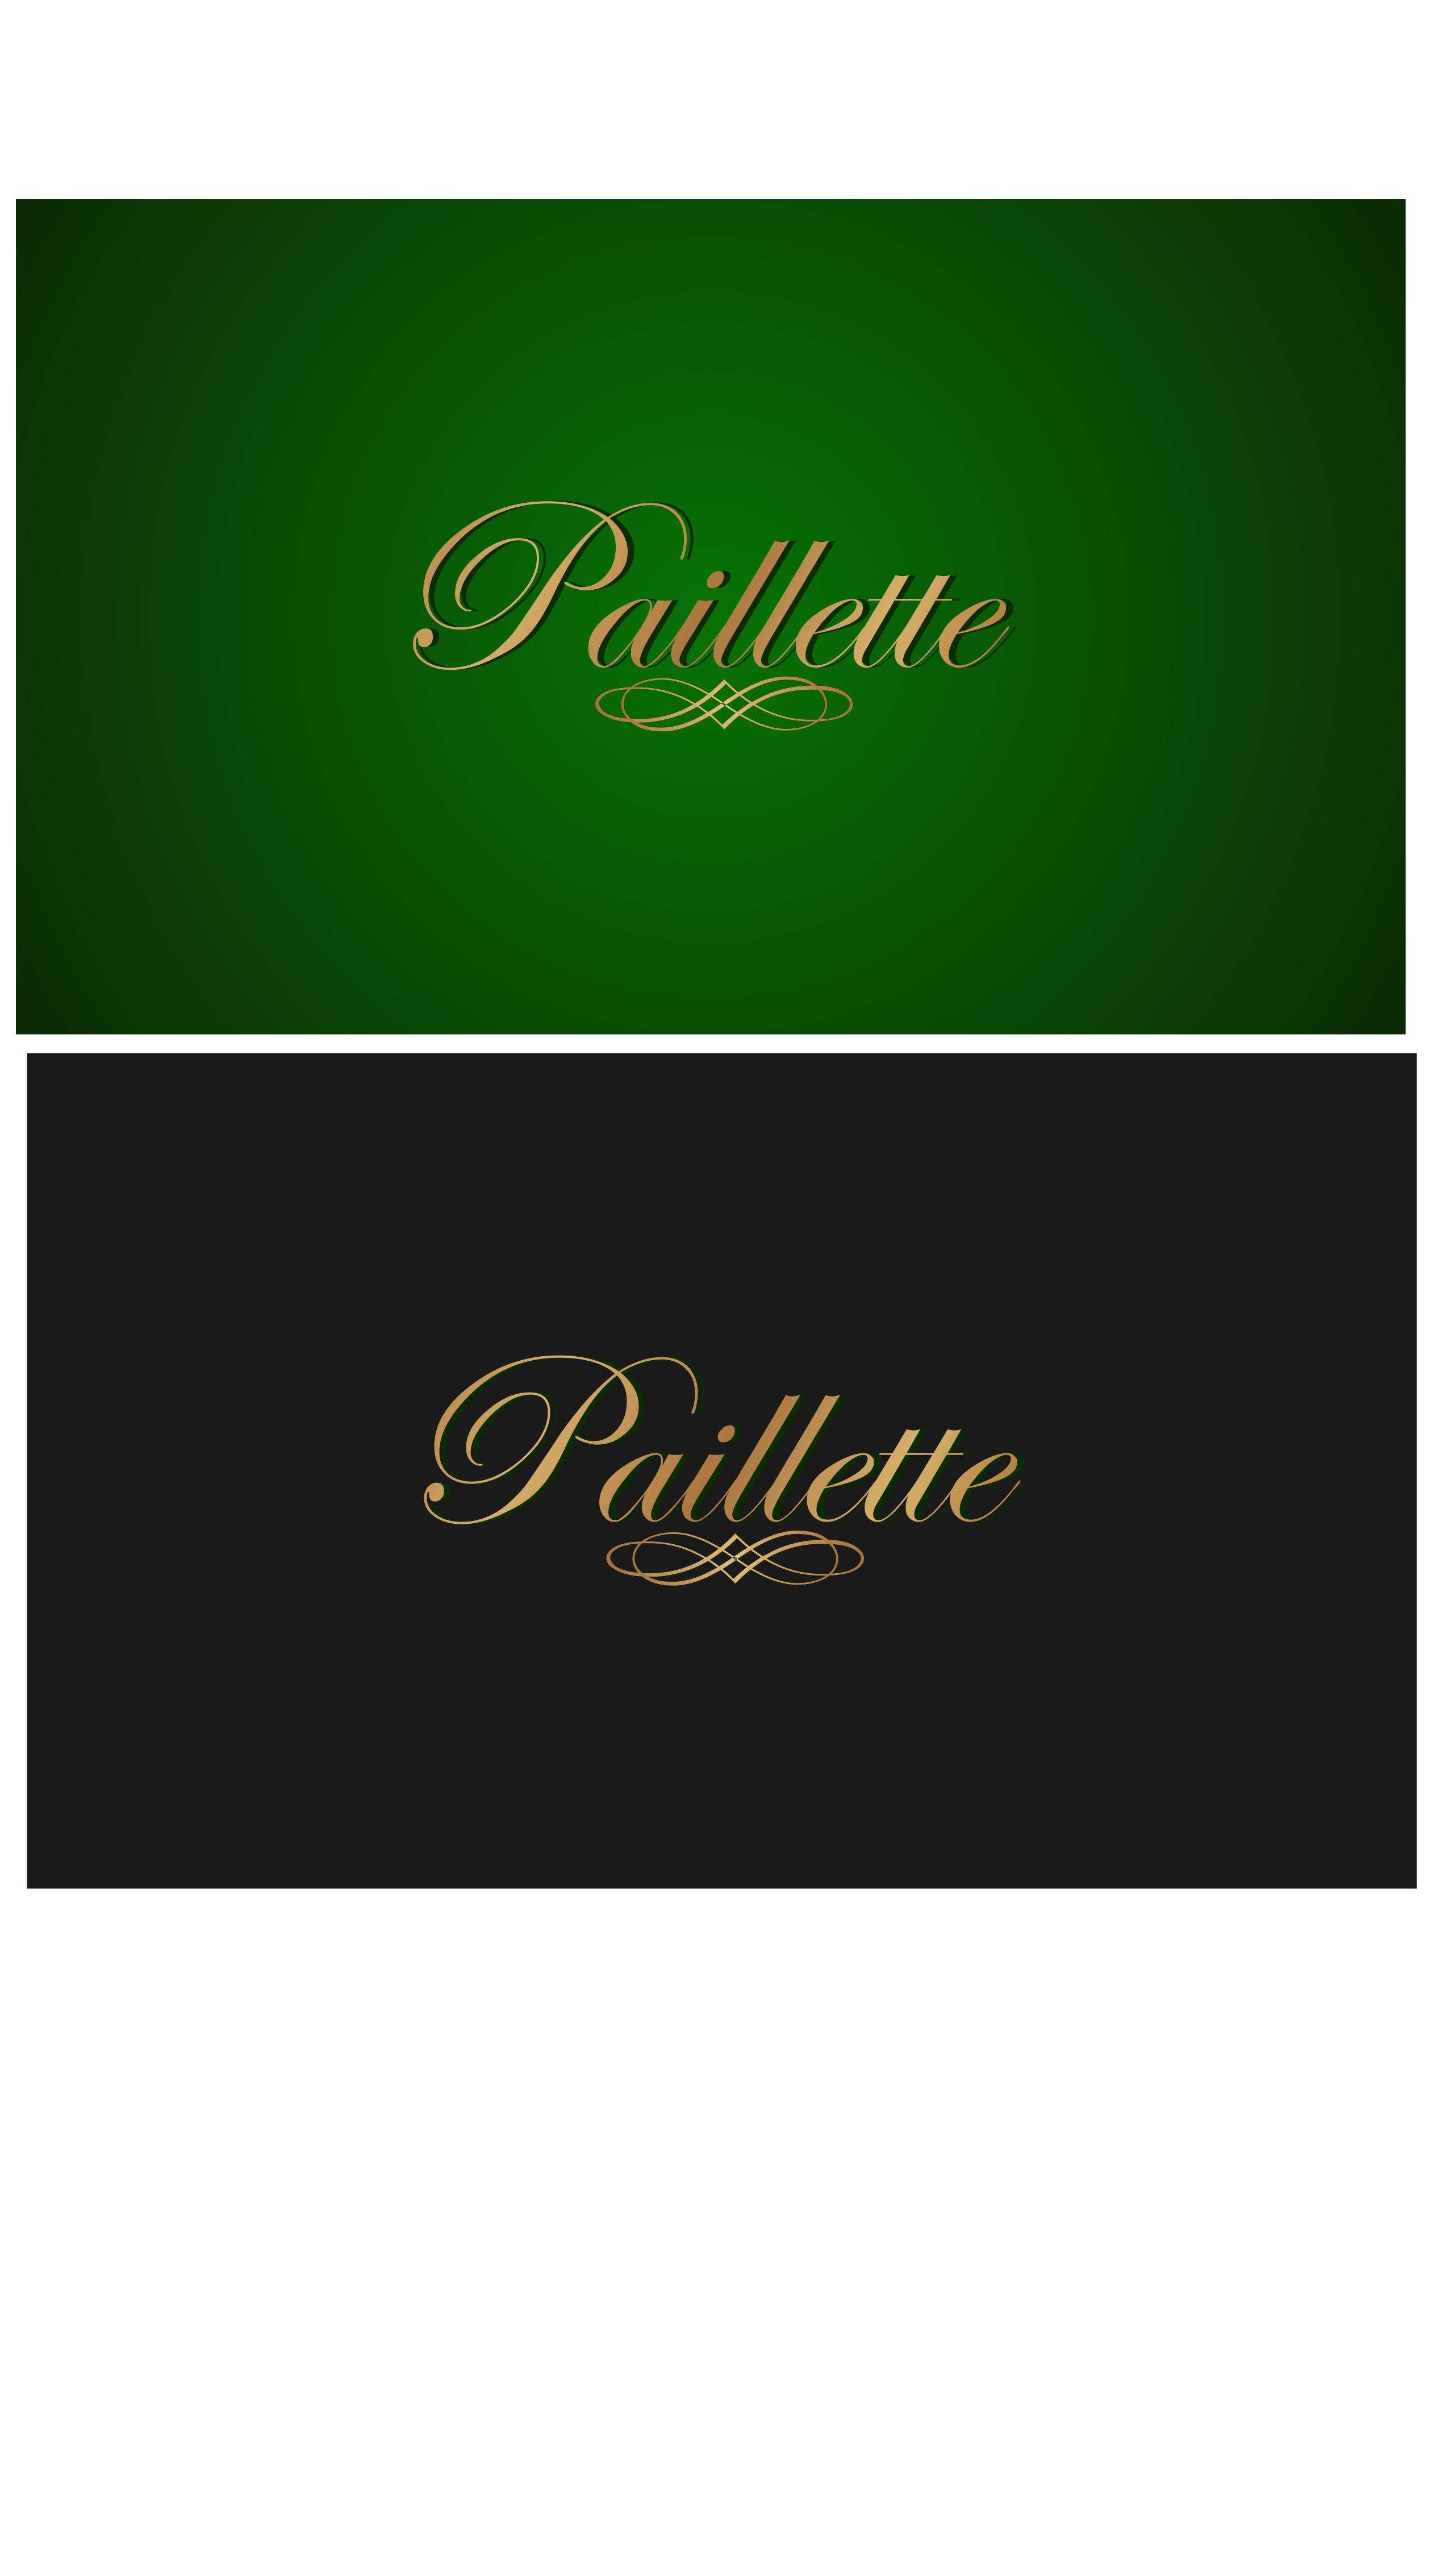 Разработка Логотипа. фото f_44651555cf1559b0.jpg